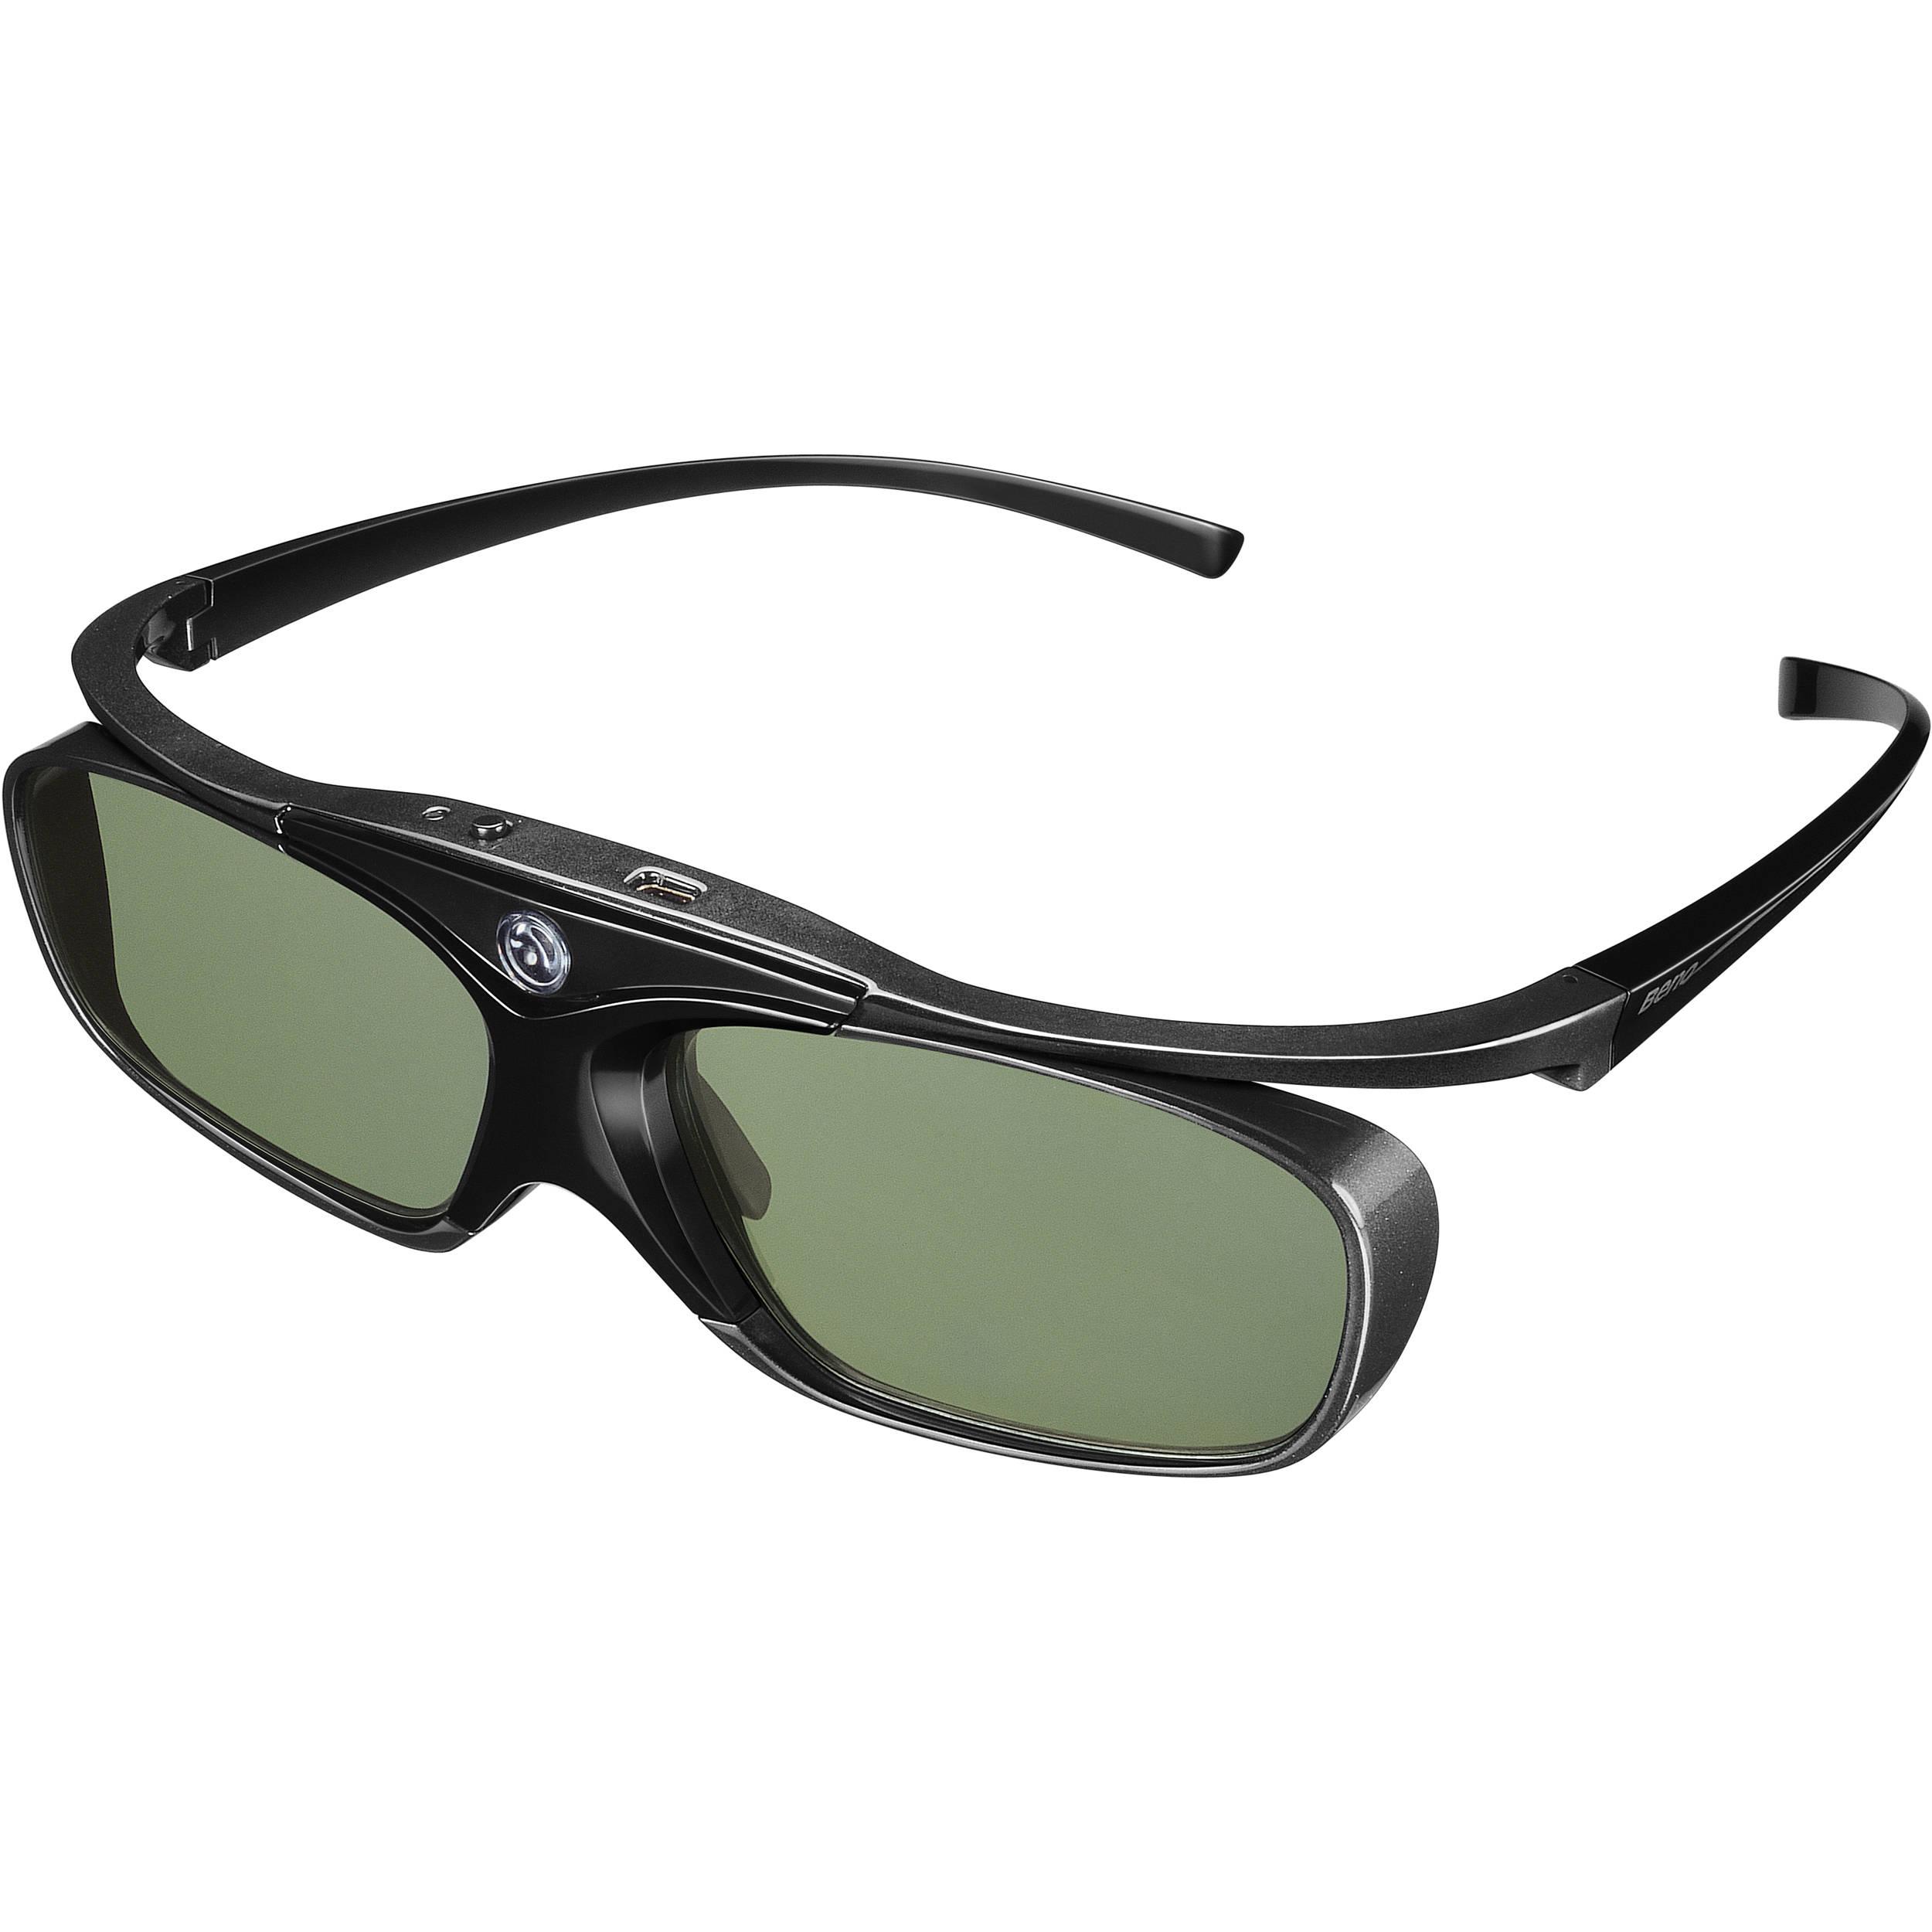 Benq 3D szemüveg (DLP-link) 3D projektorokhoz (3D Glasses D5) 5J.J9H25.001